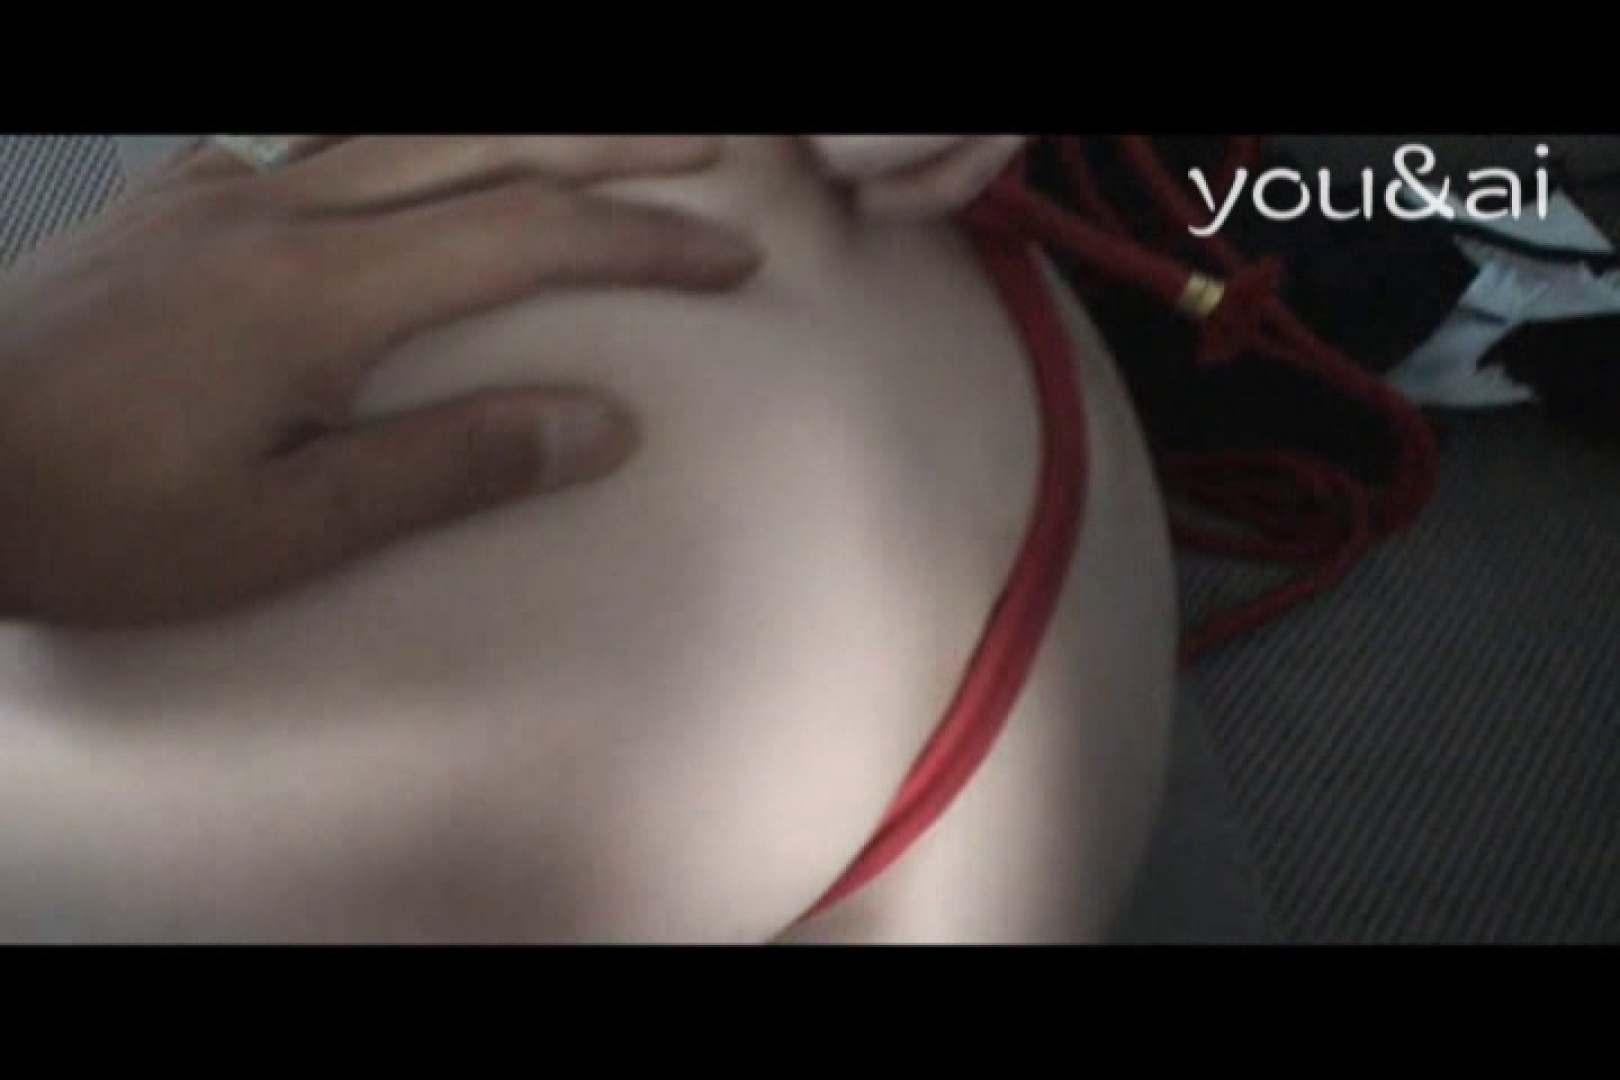 おしどり夫婦のyou&aiさん投稿作品vol.4 セックス映像 えろ無修正画像 71pic 13